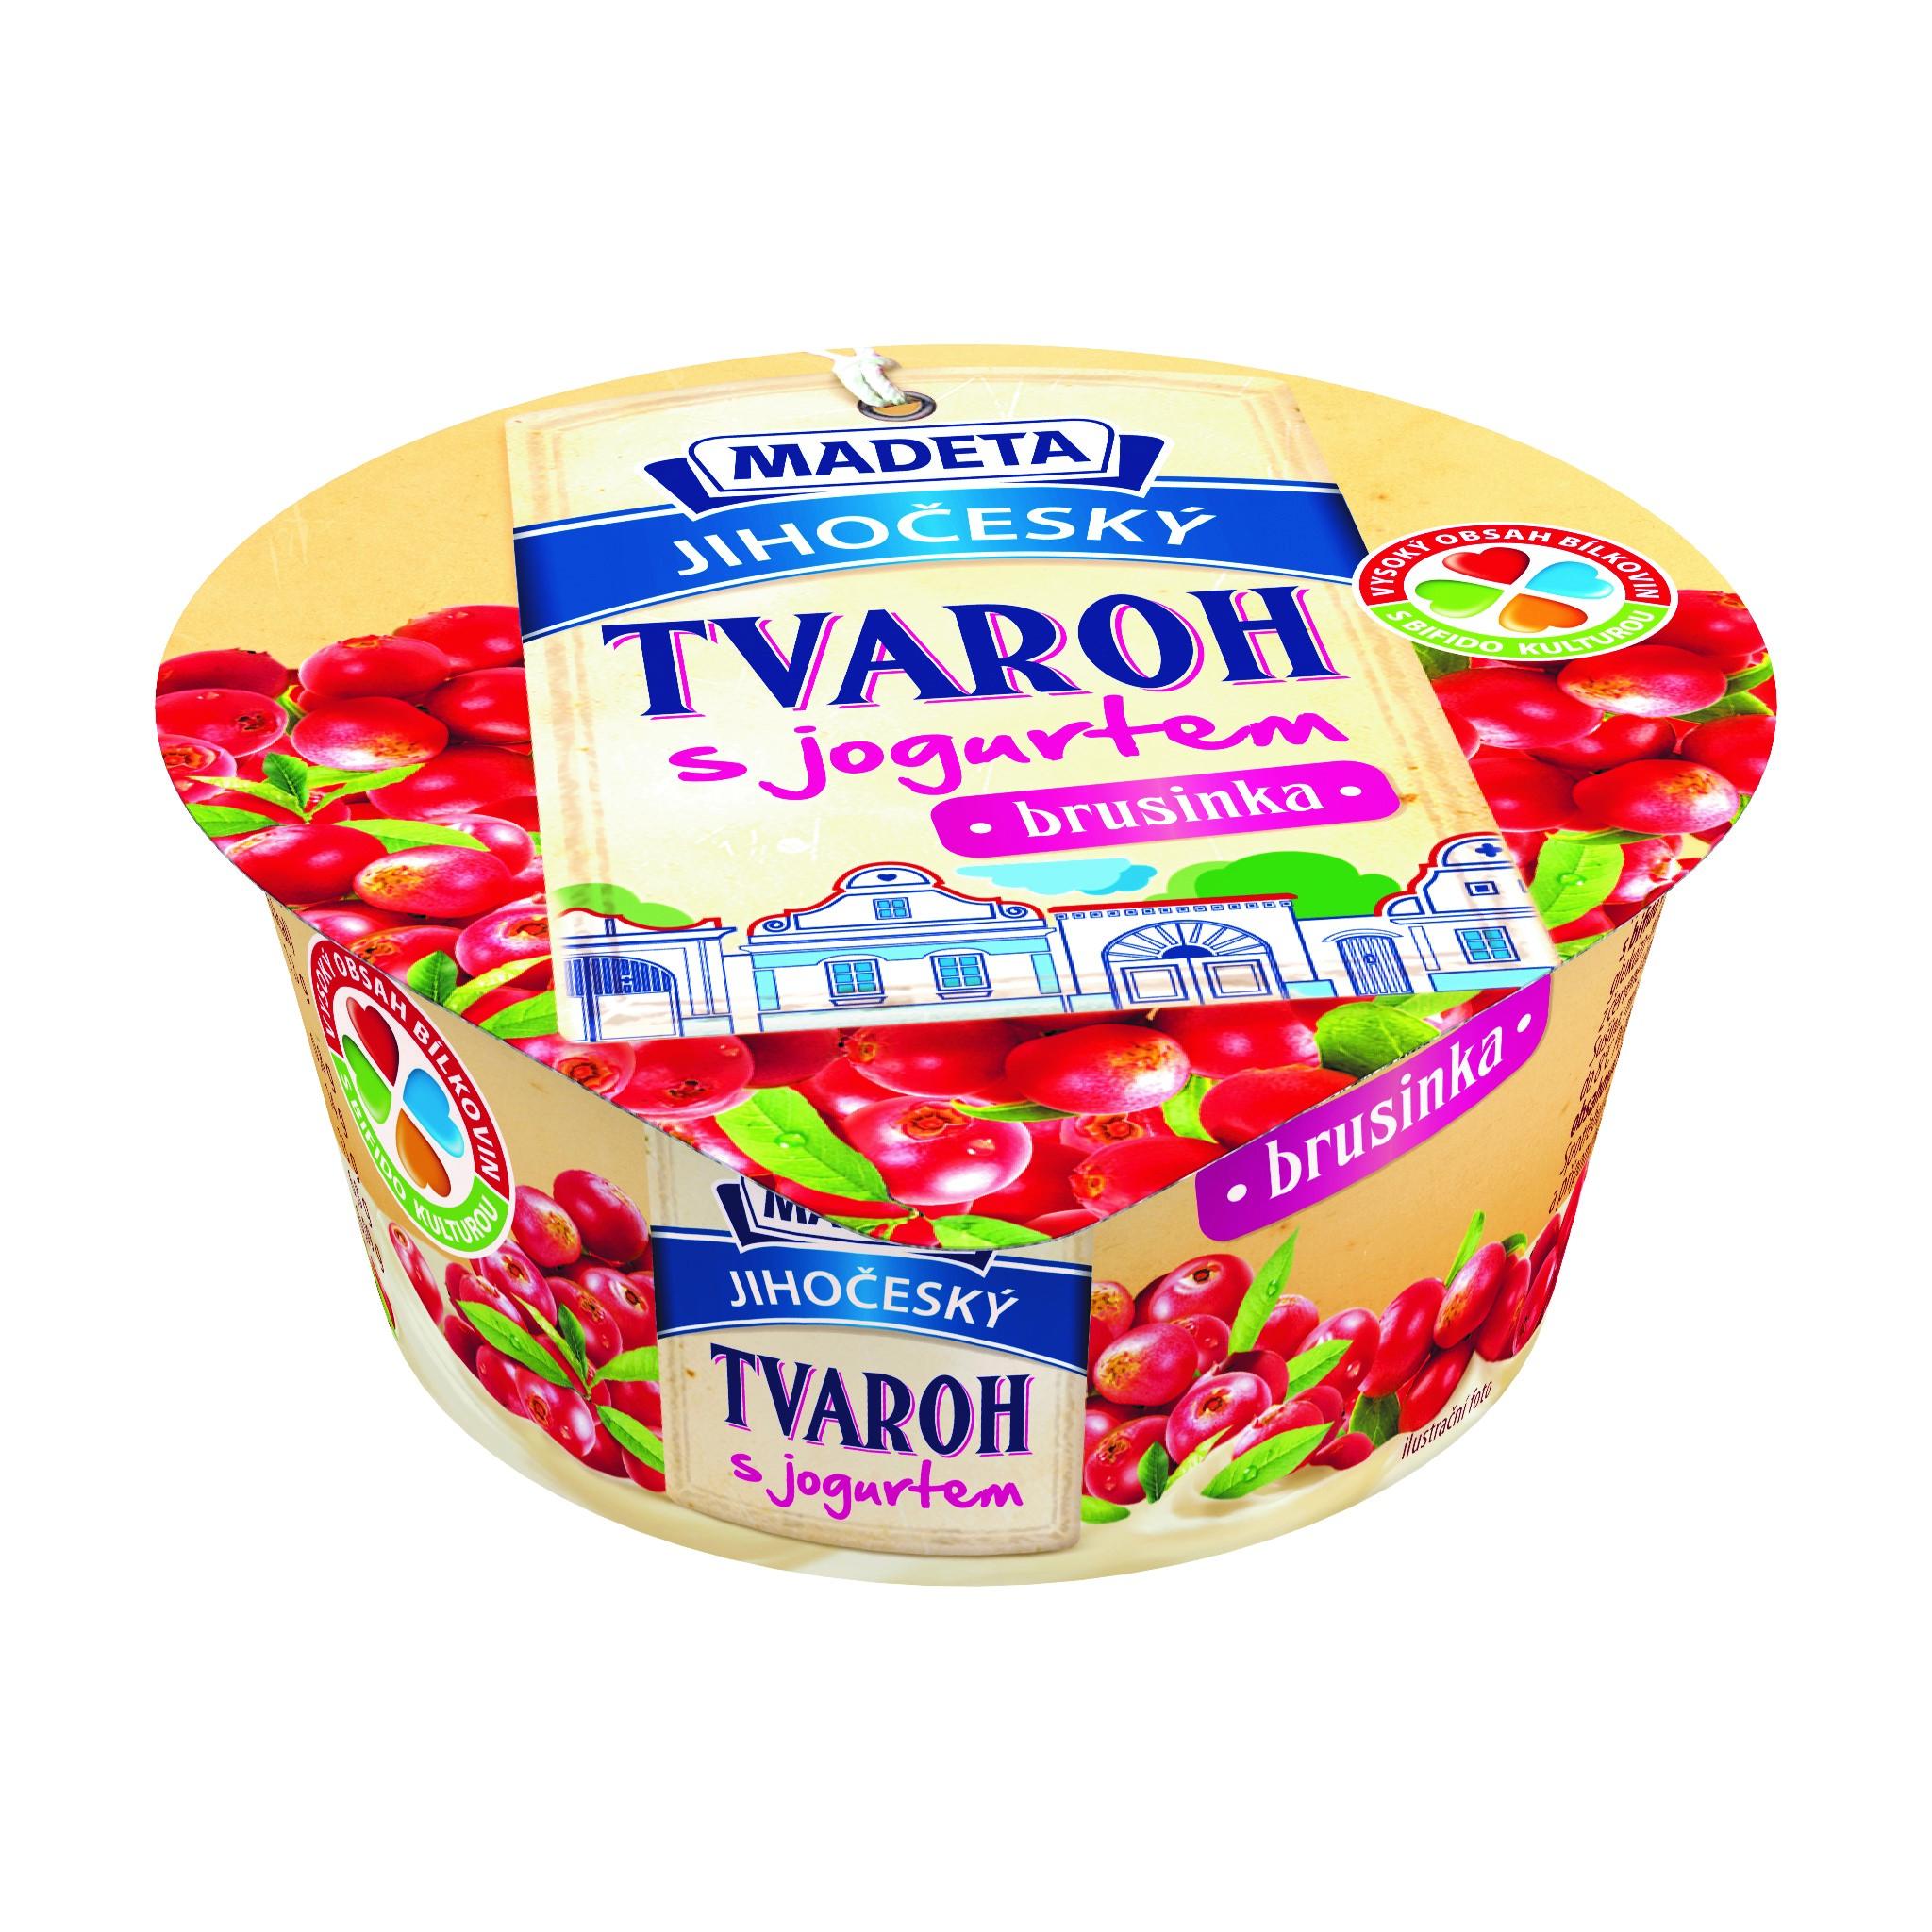 Značka Jihočeský tvaroh s jogurtem brusinka